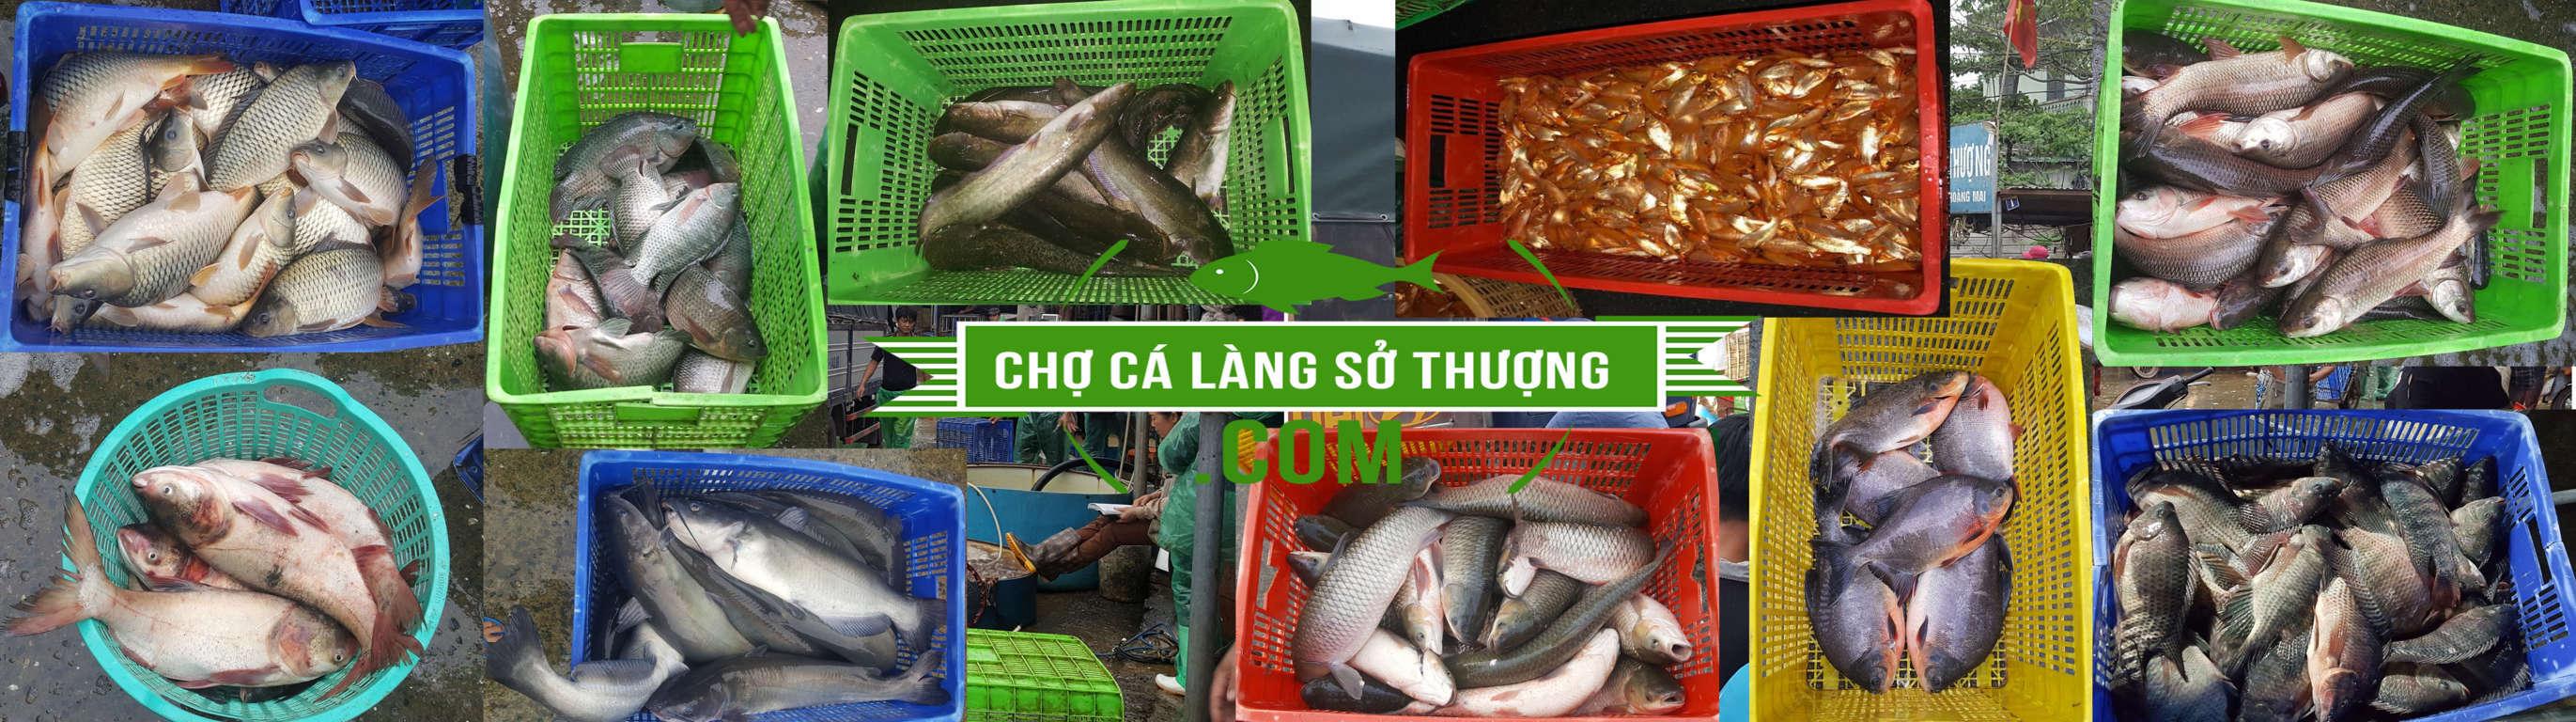 Cung cấp cá mè hoa tươi sống, cá mè tàu tươi sống, cá mè ngất, cá mè đông lạnh trên toàn quốc | Chợ cá làng Sở Thượng